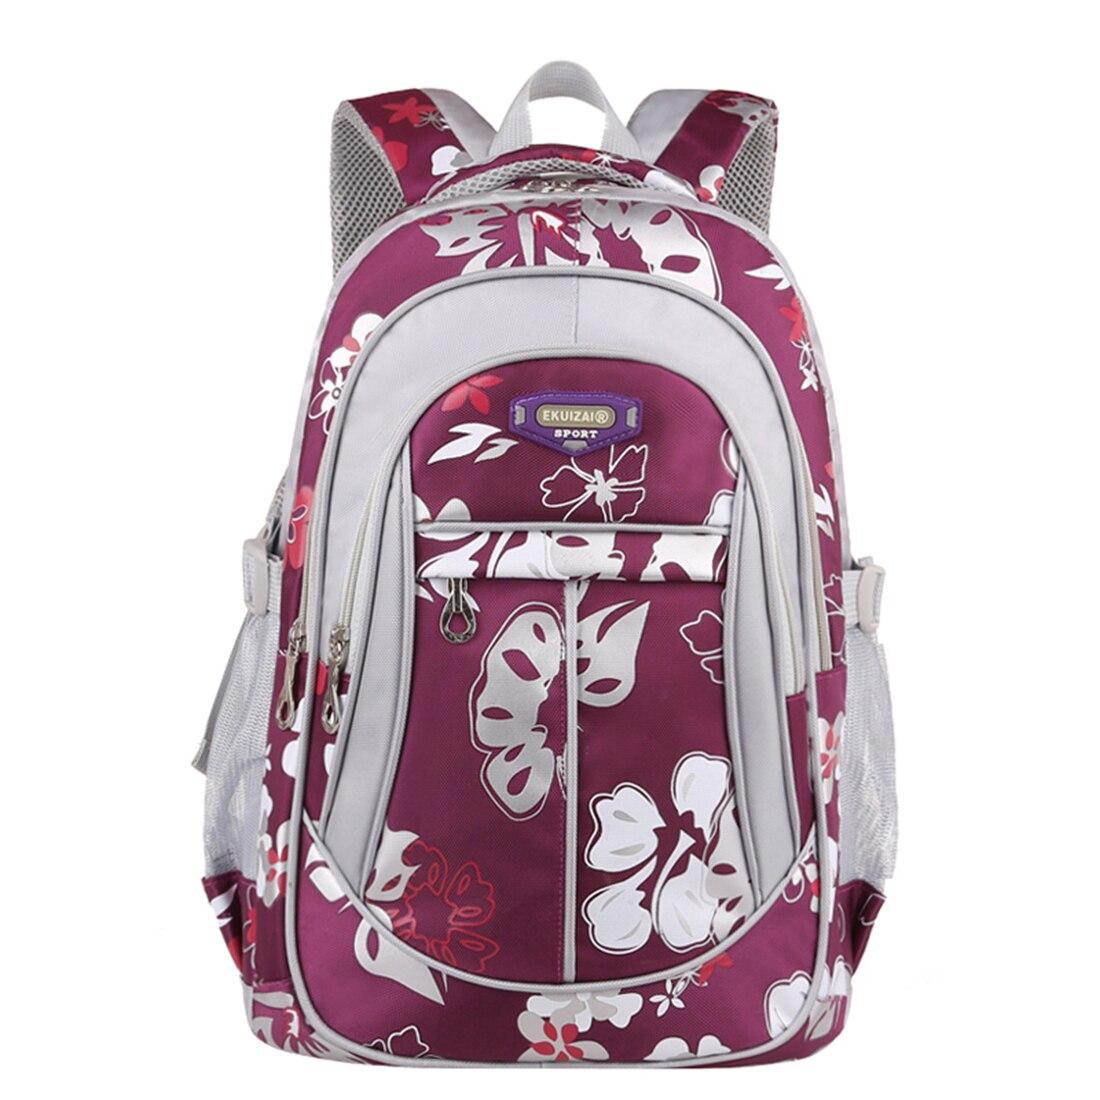 VSEN Hot Girls Women Backpack Shoulder Bag Kids Backpacks Fashion vsen hot styleluggage bag replacement plastic 1 side rectangle buckle 10 pcs